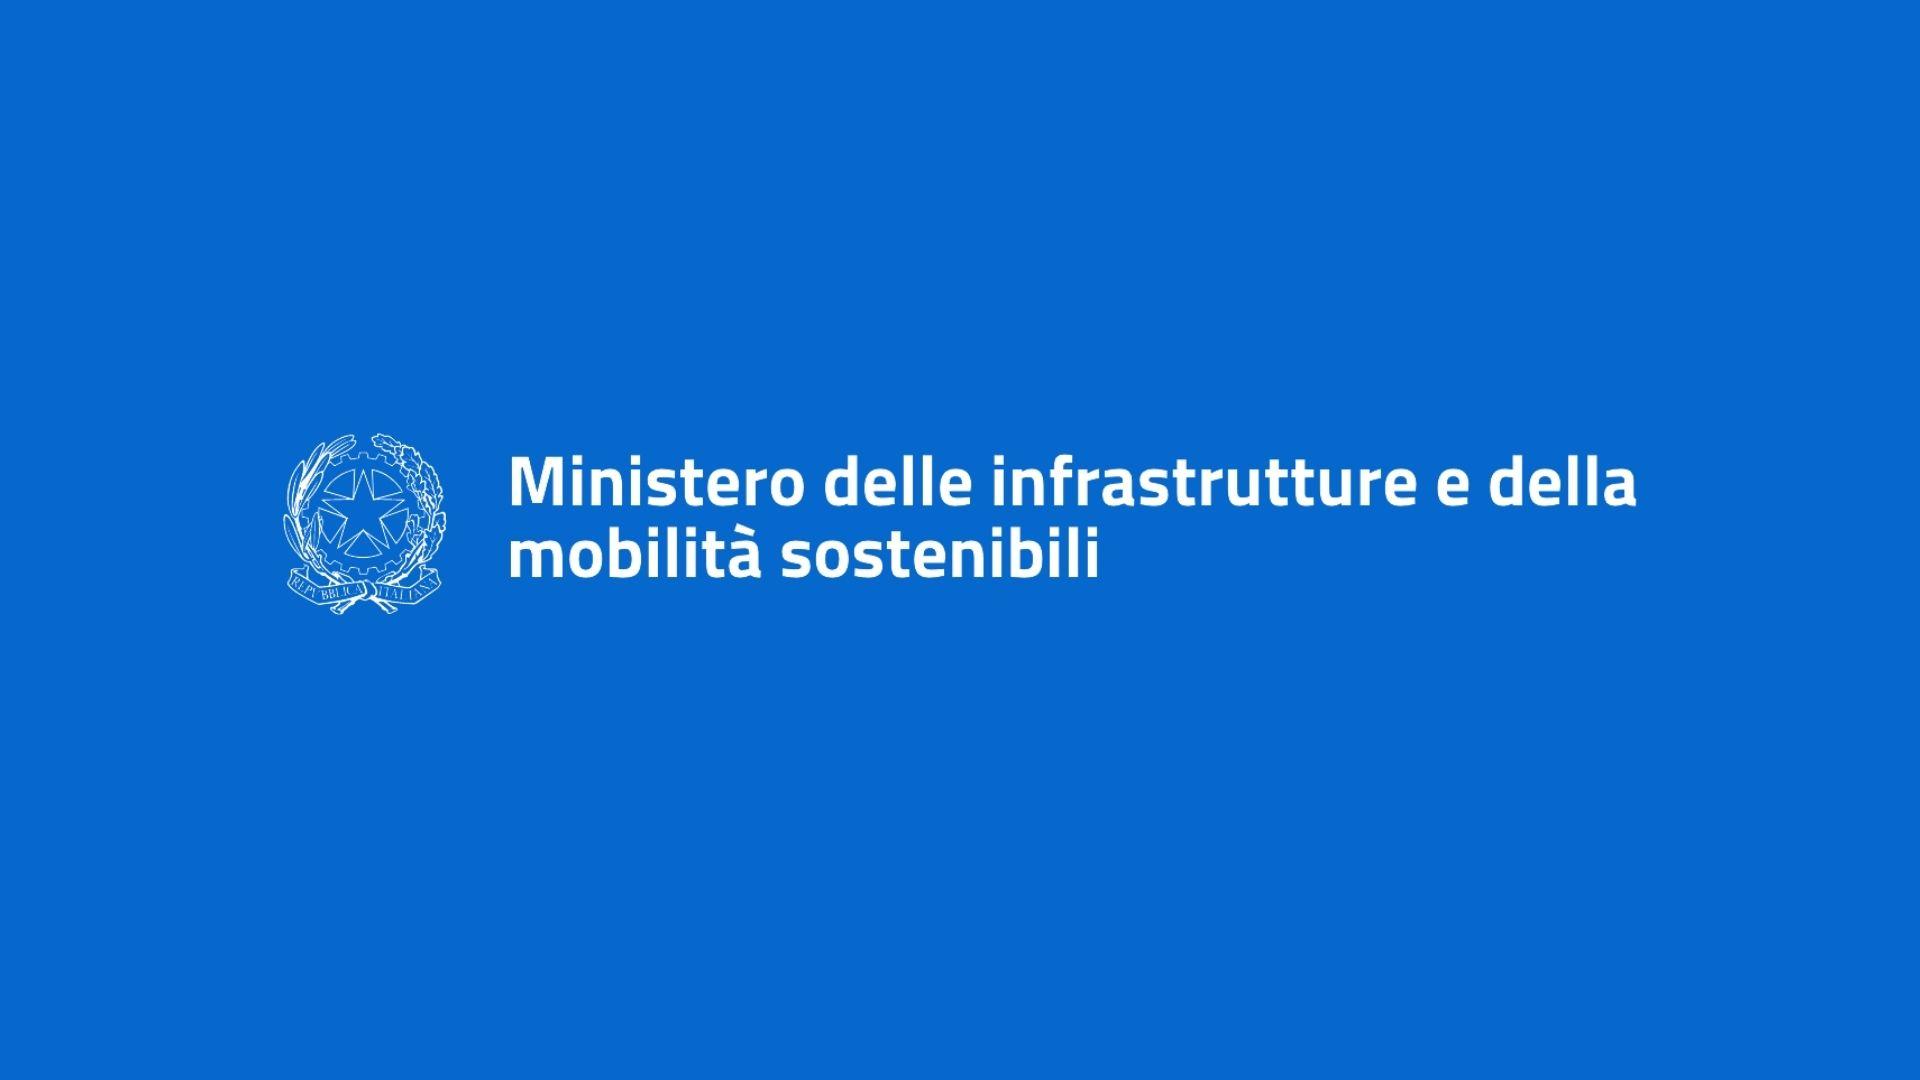 Ministero delle infrastrutture e della mobilita sostenibili v2